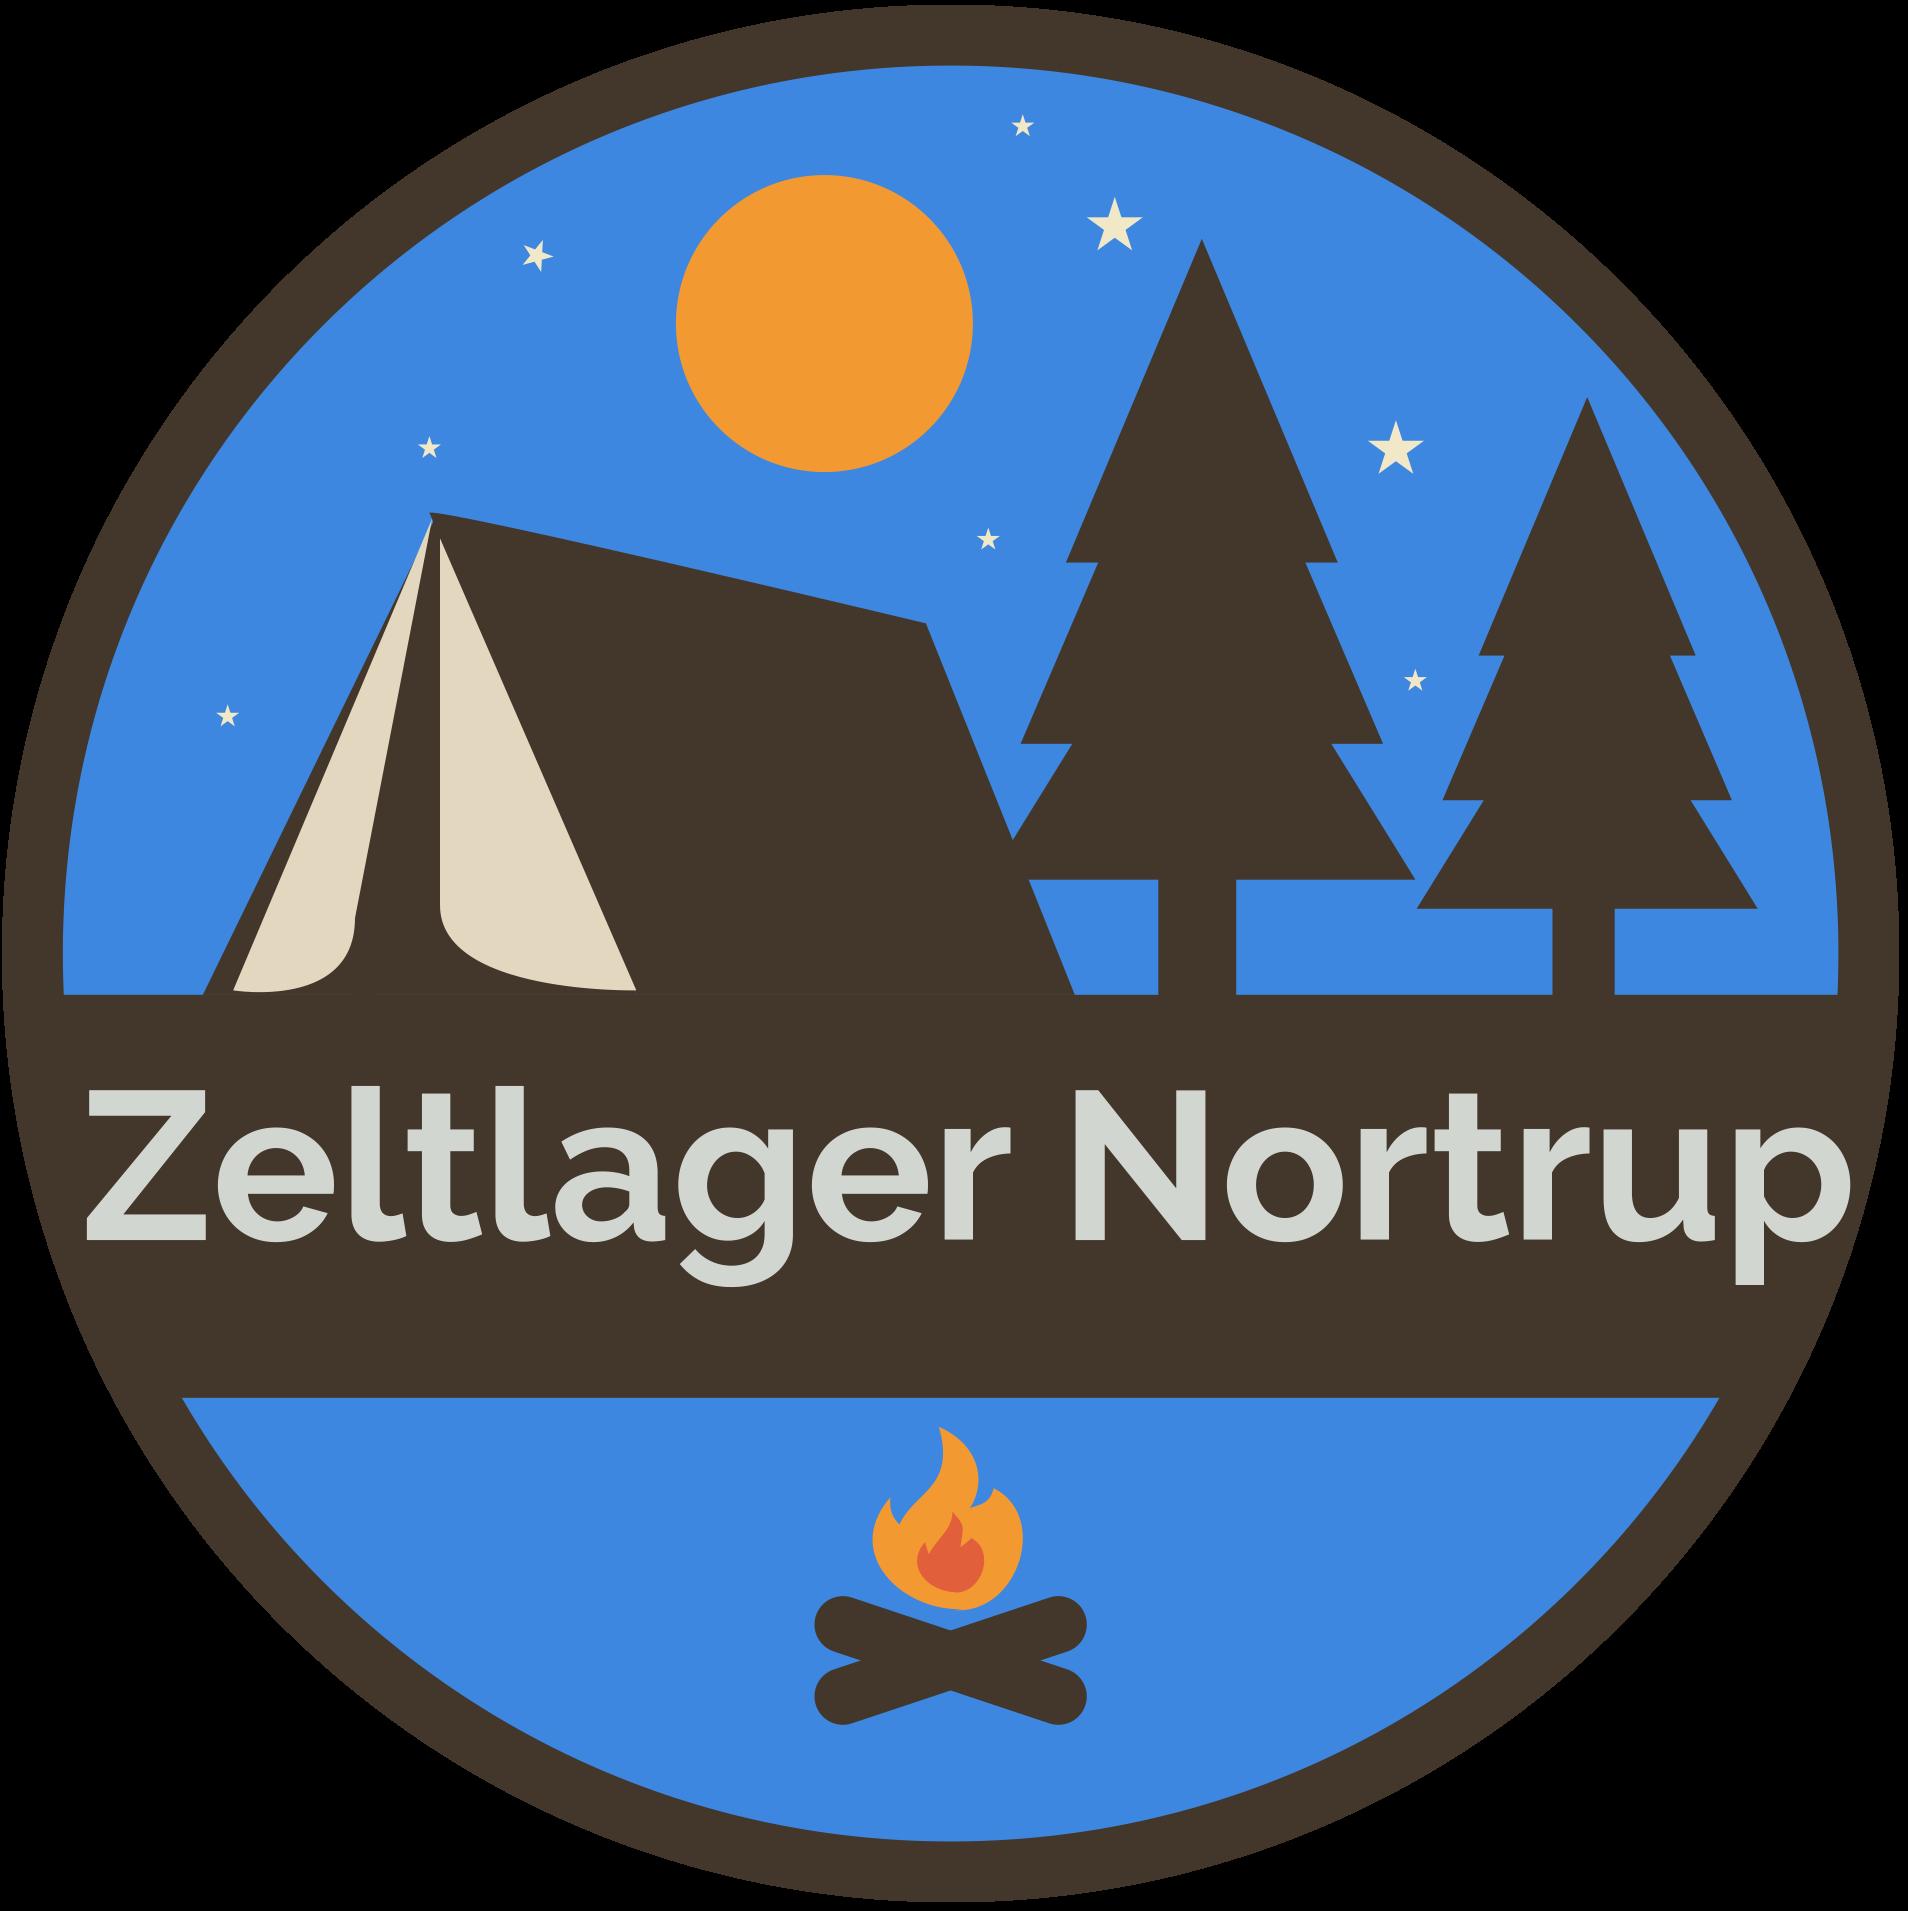 Zeltlager Nortrup